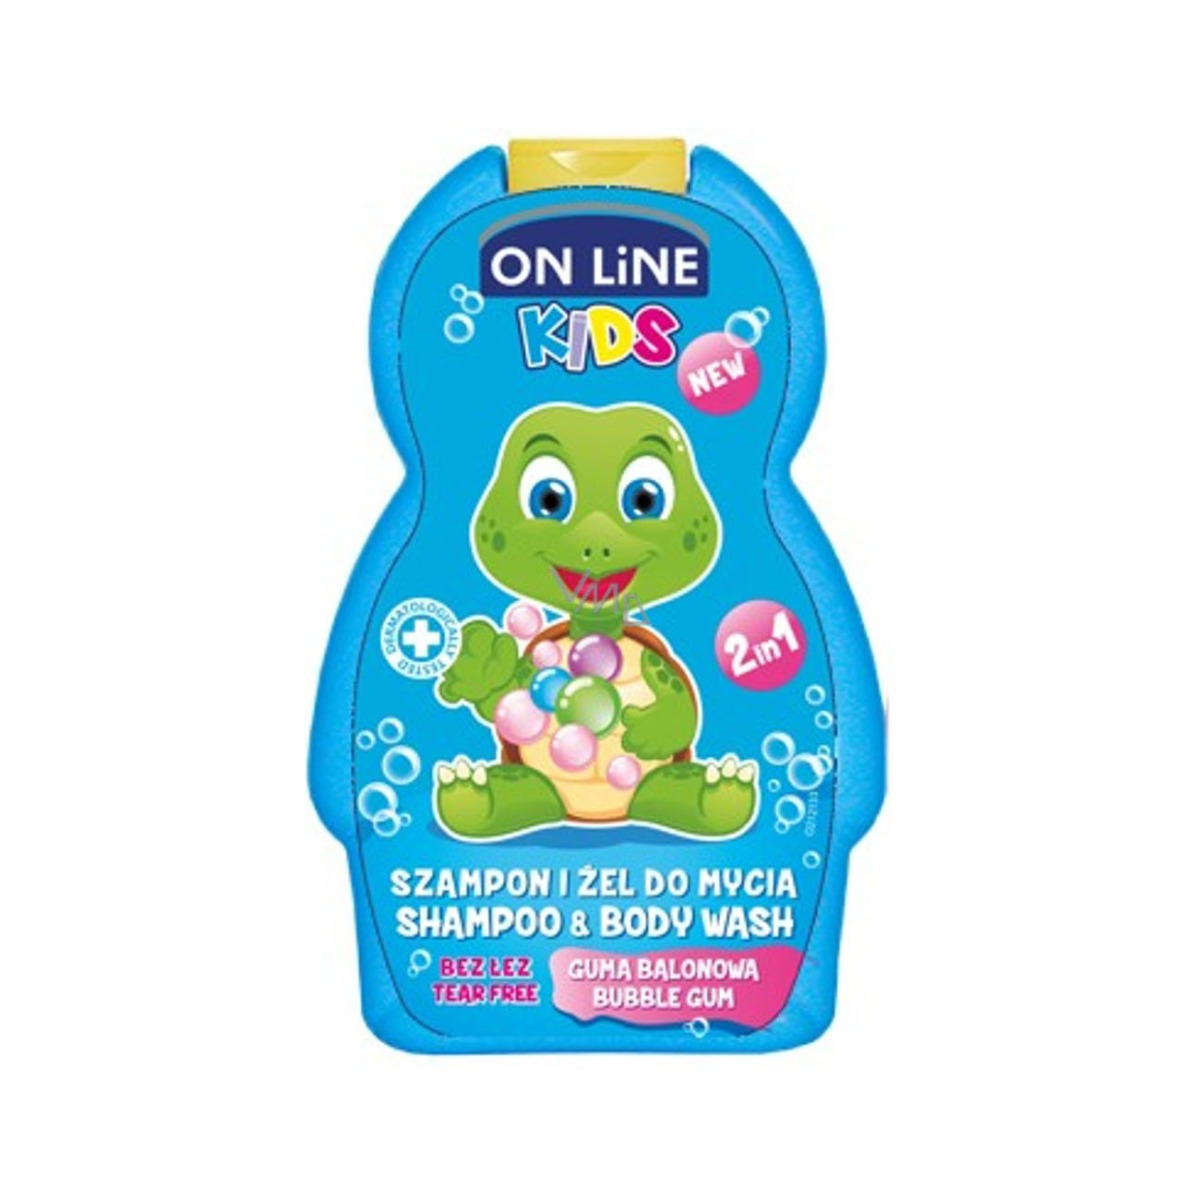 Sampon, Gel de dus On Line Kids Bubble Gum, 250 ml imagine